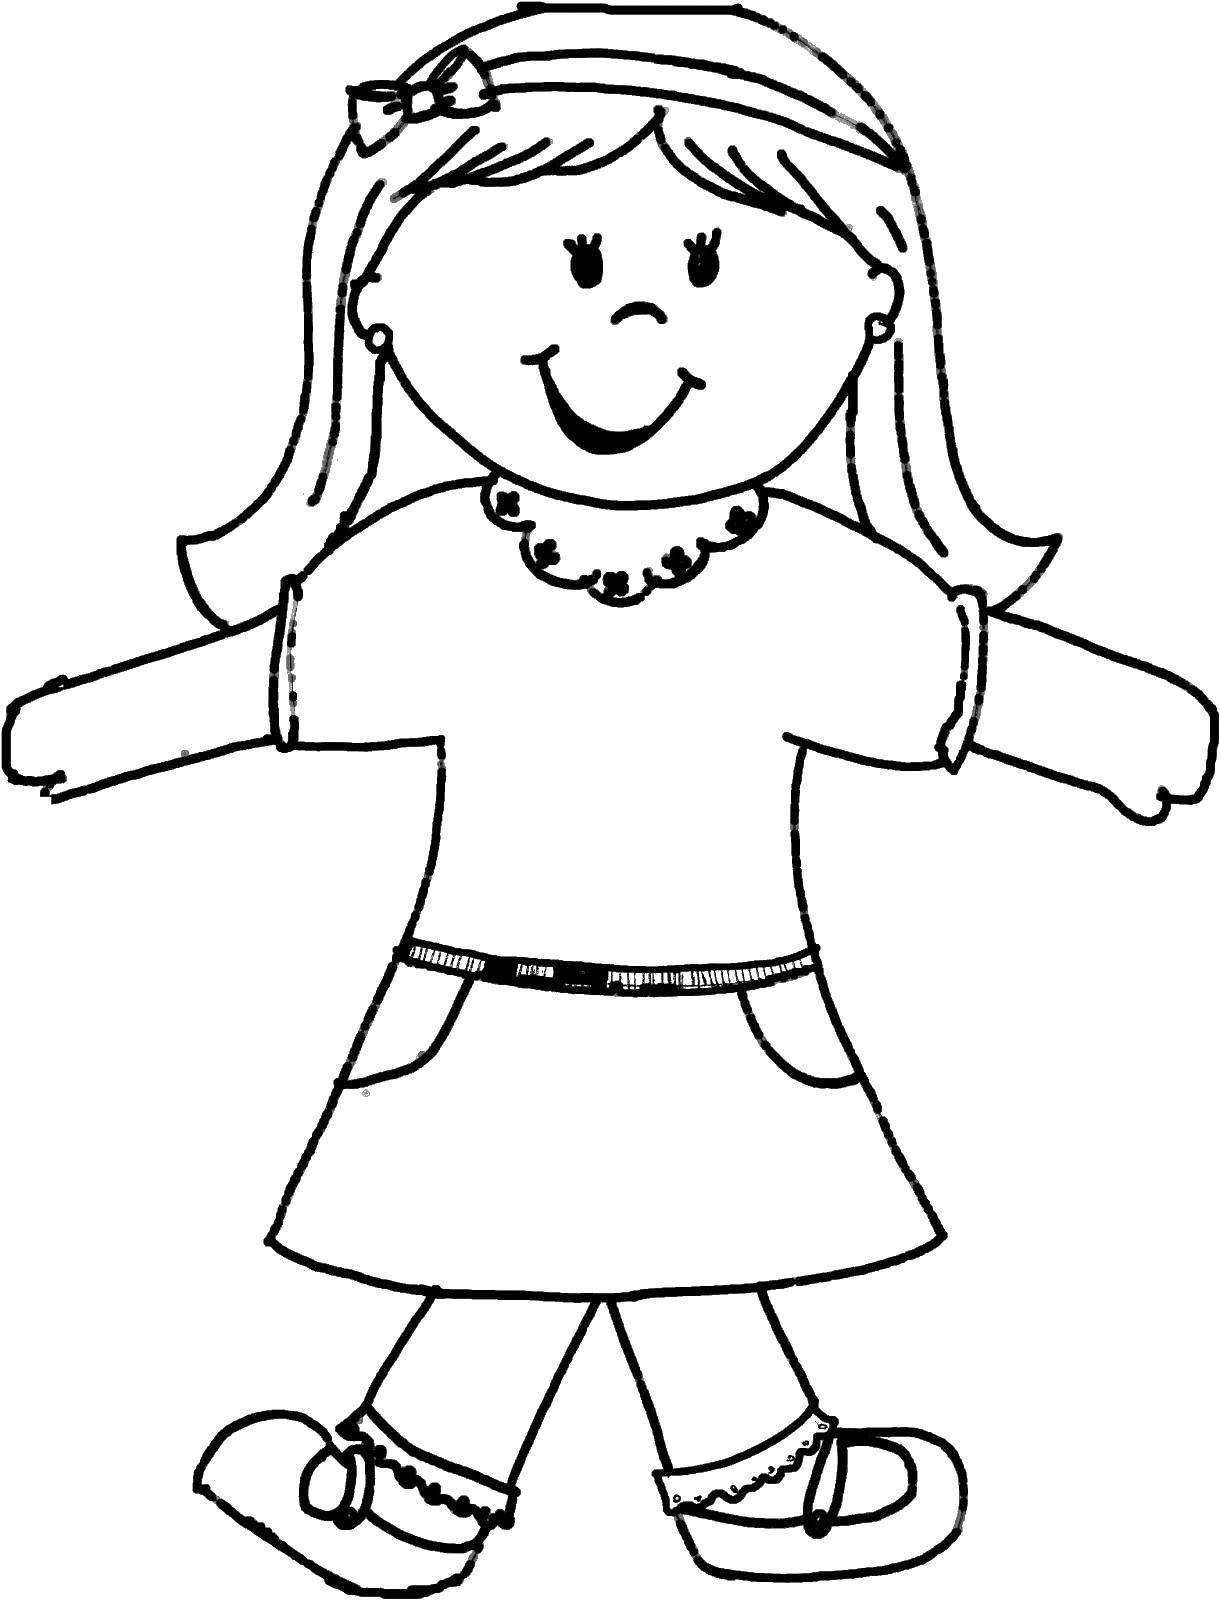 Раскраска Куклы Скачать .  Распечатать